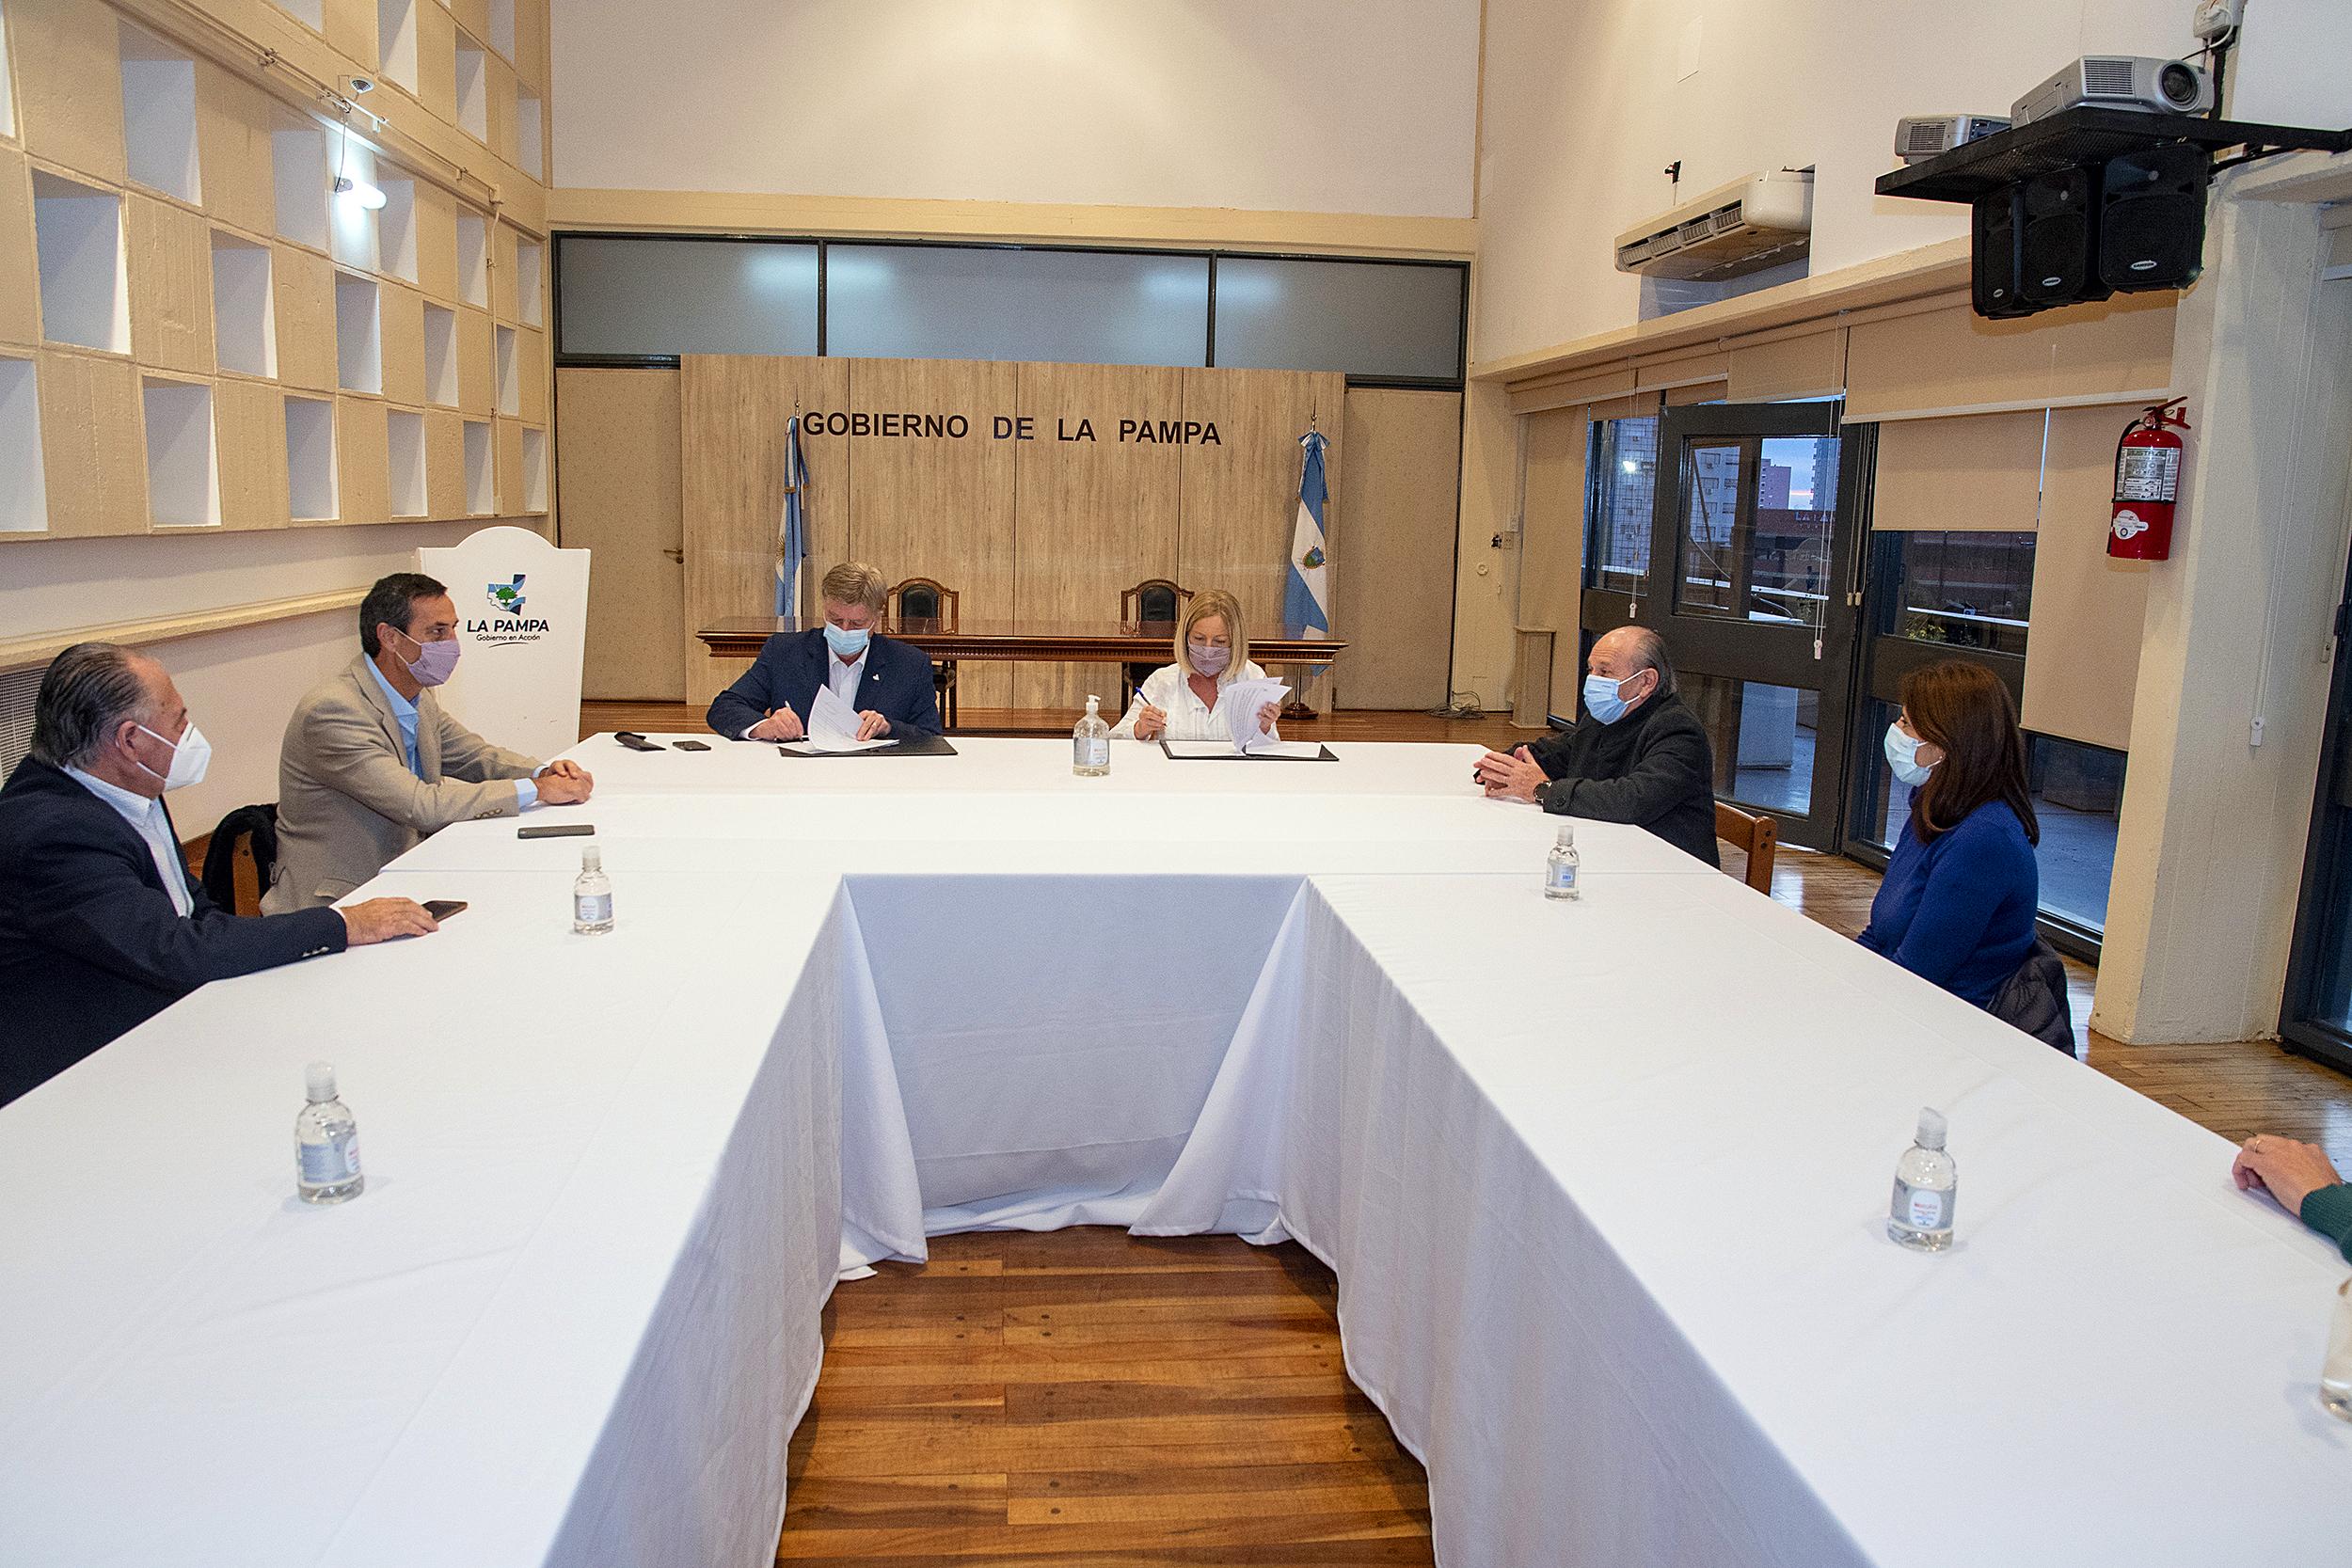 El Tribunal de Cuentas controlará el sistema de vacunación COVID en La Pampa